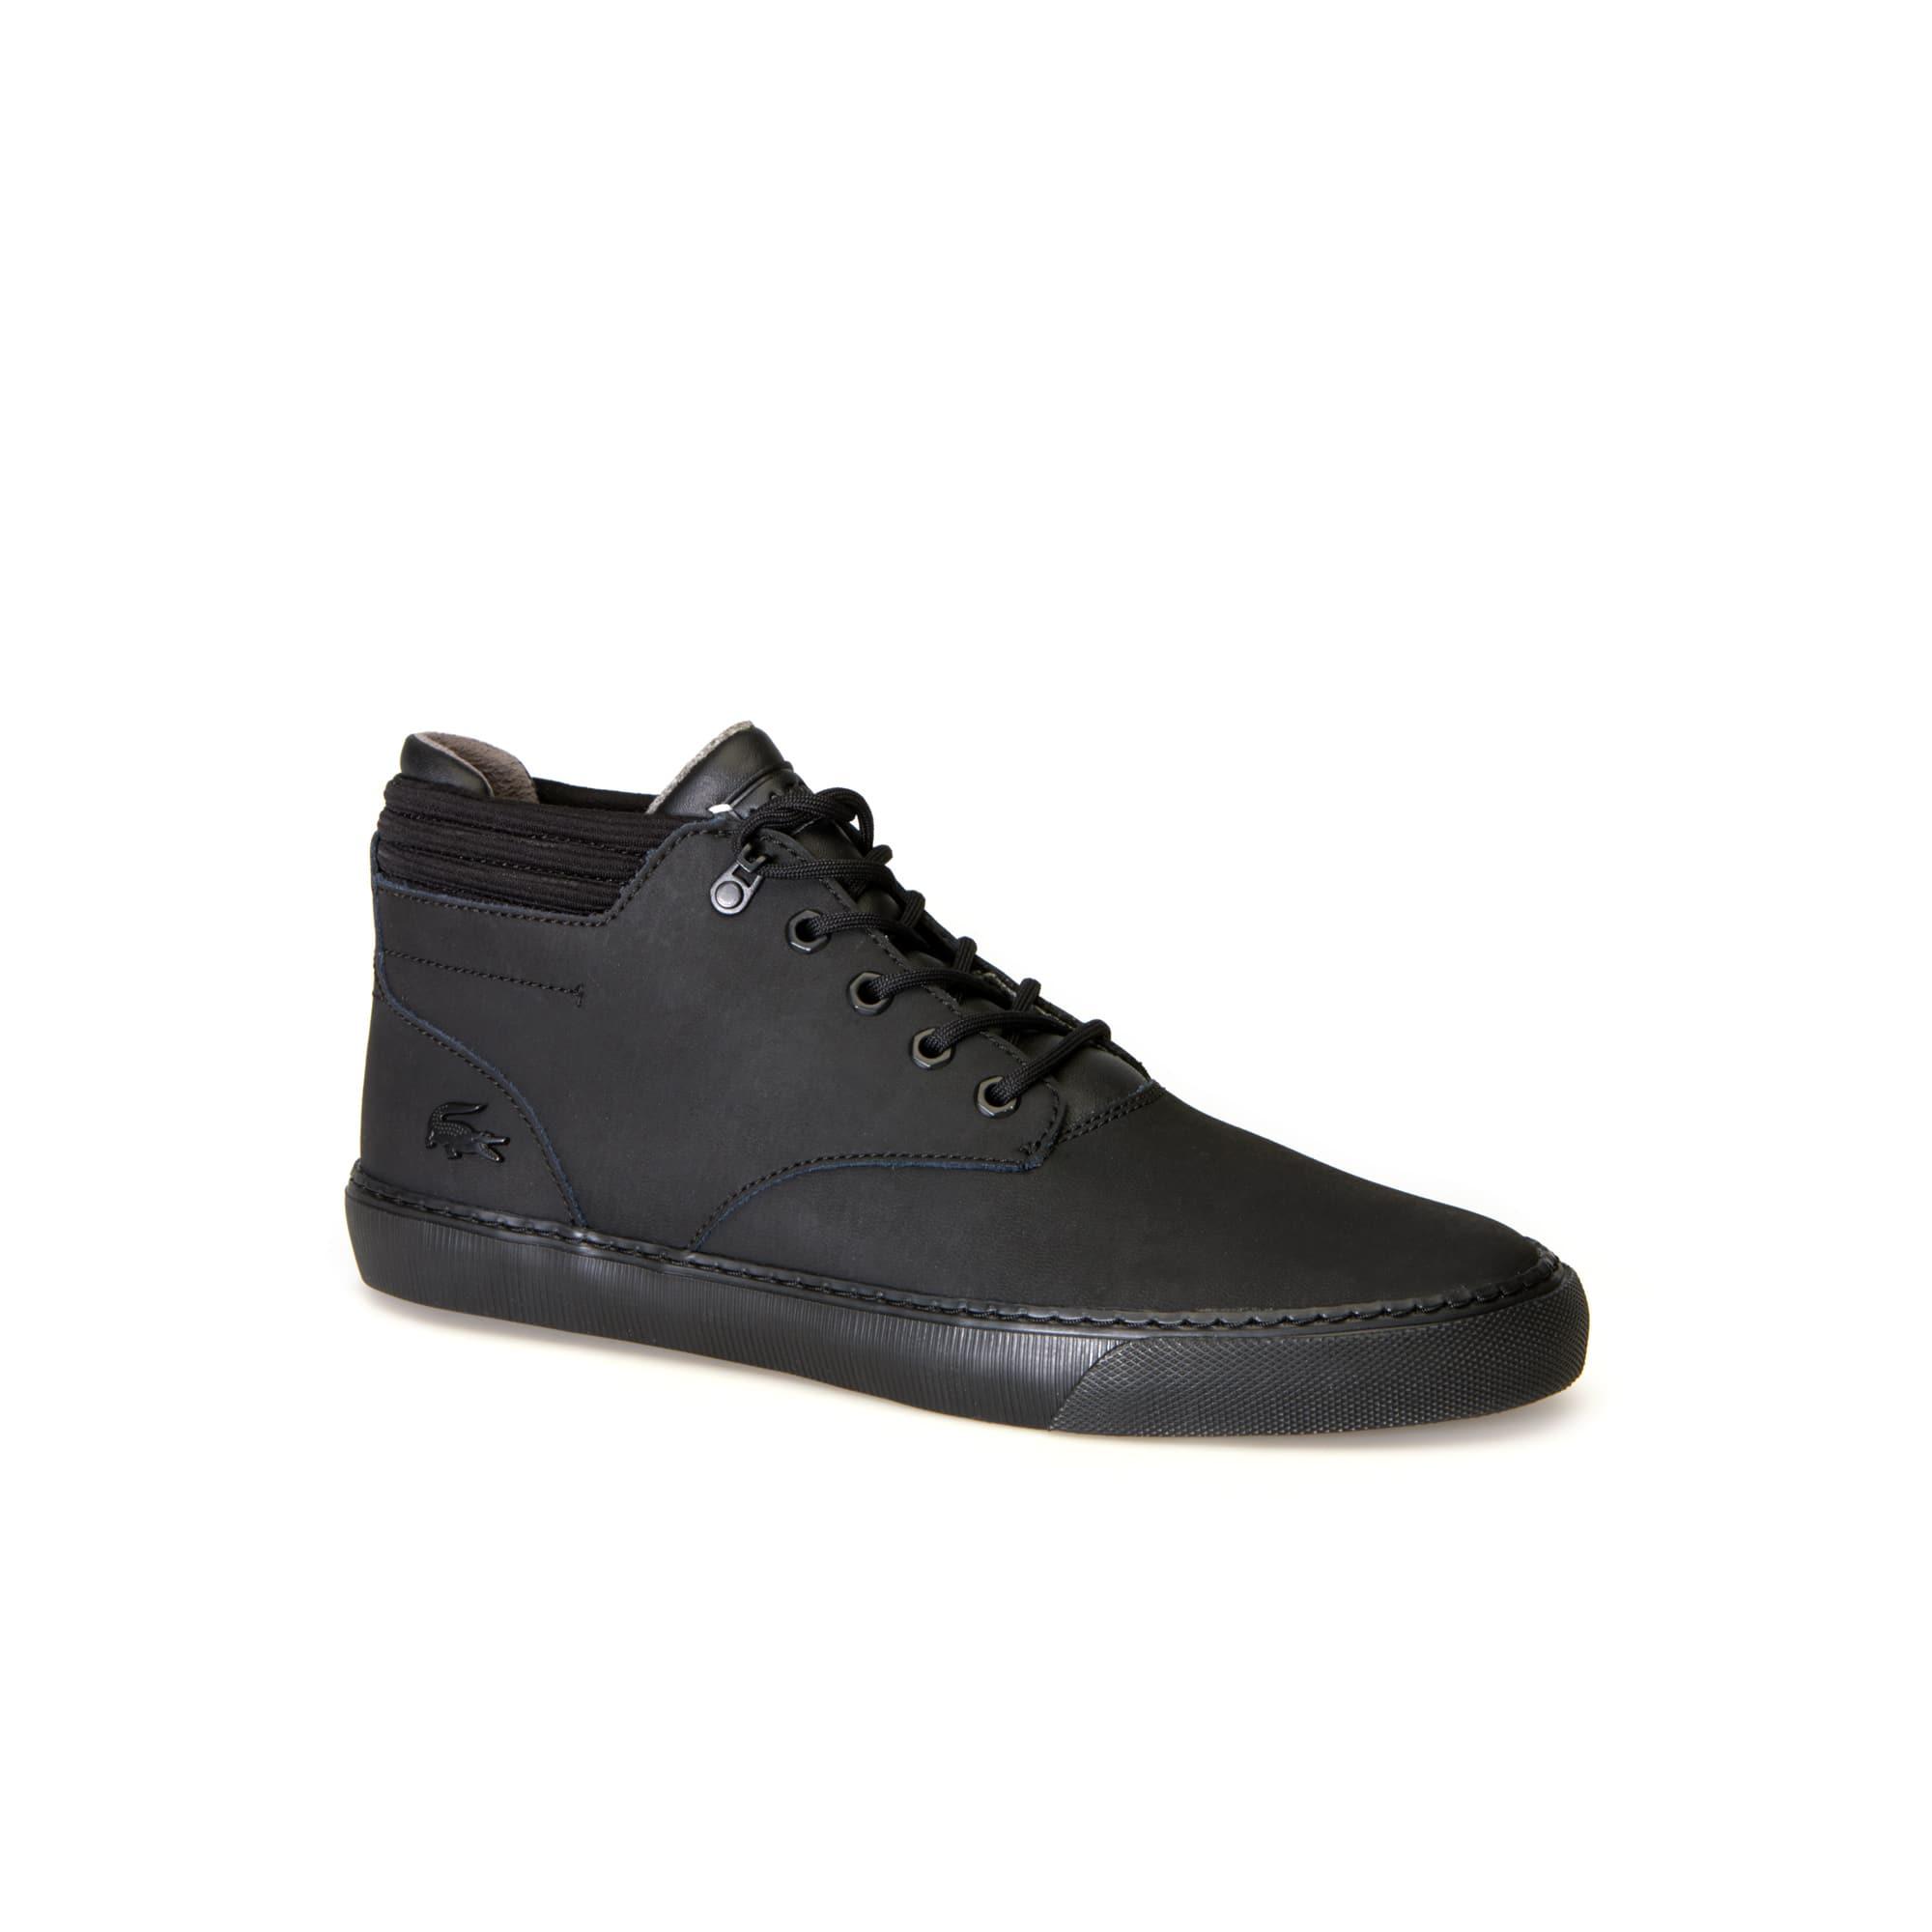 Lacoste - Zapatillas bota de hombre Esparre Winter de piel - 1